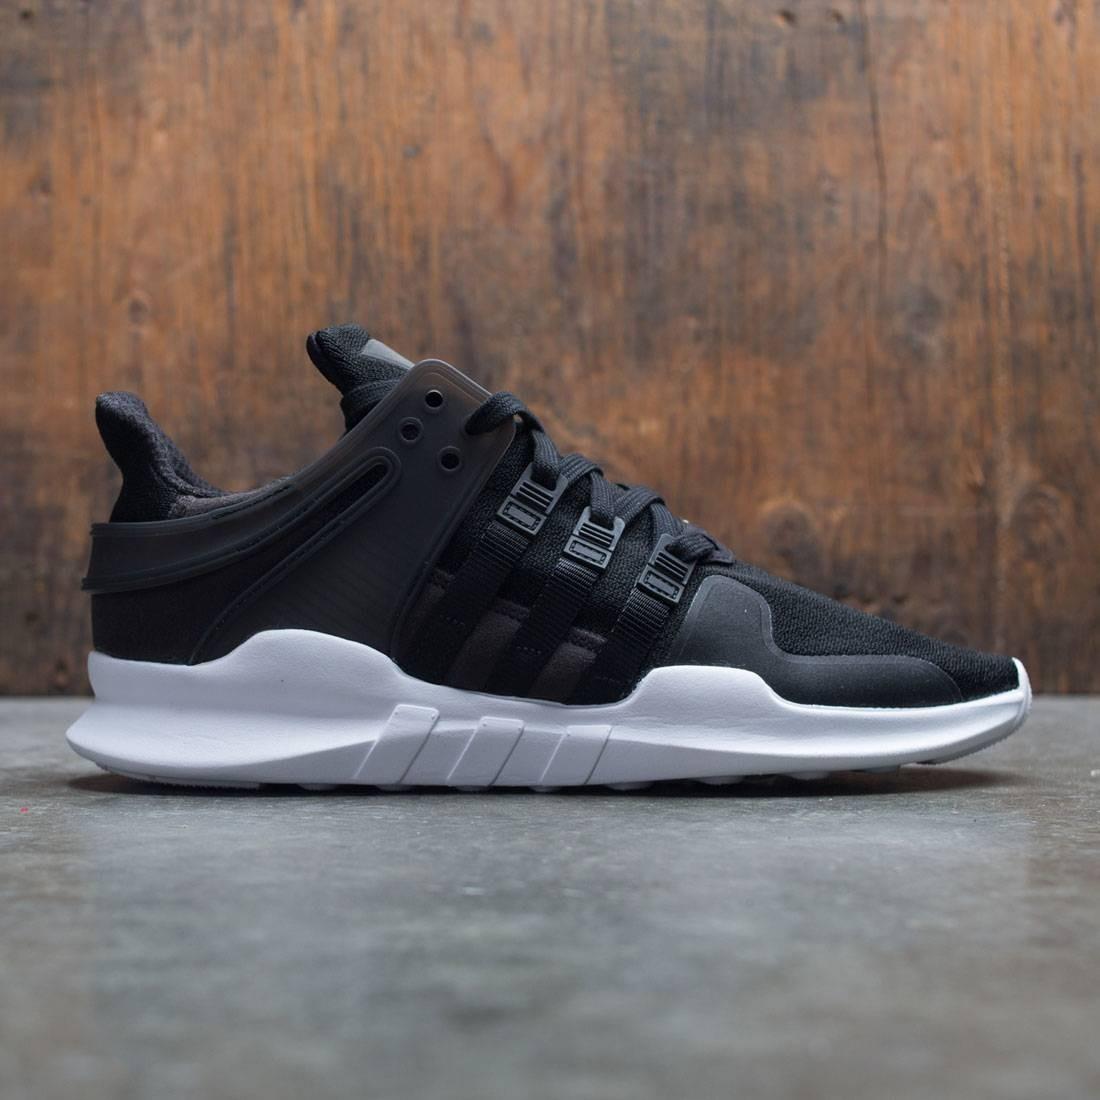 【海外限定】アディダス コア 黒 ブラック 靴 スニーカー 【 ADIDAS BLACK MEN EQT SUPPORT ADV CORE FOOTWEAR WHITE 】